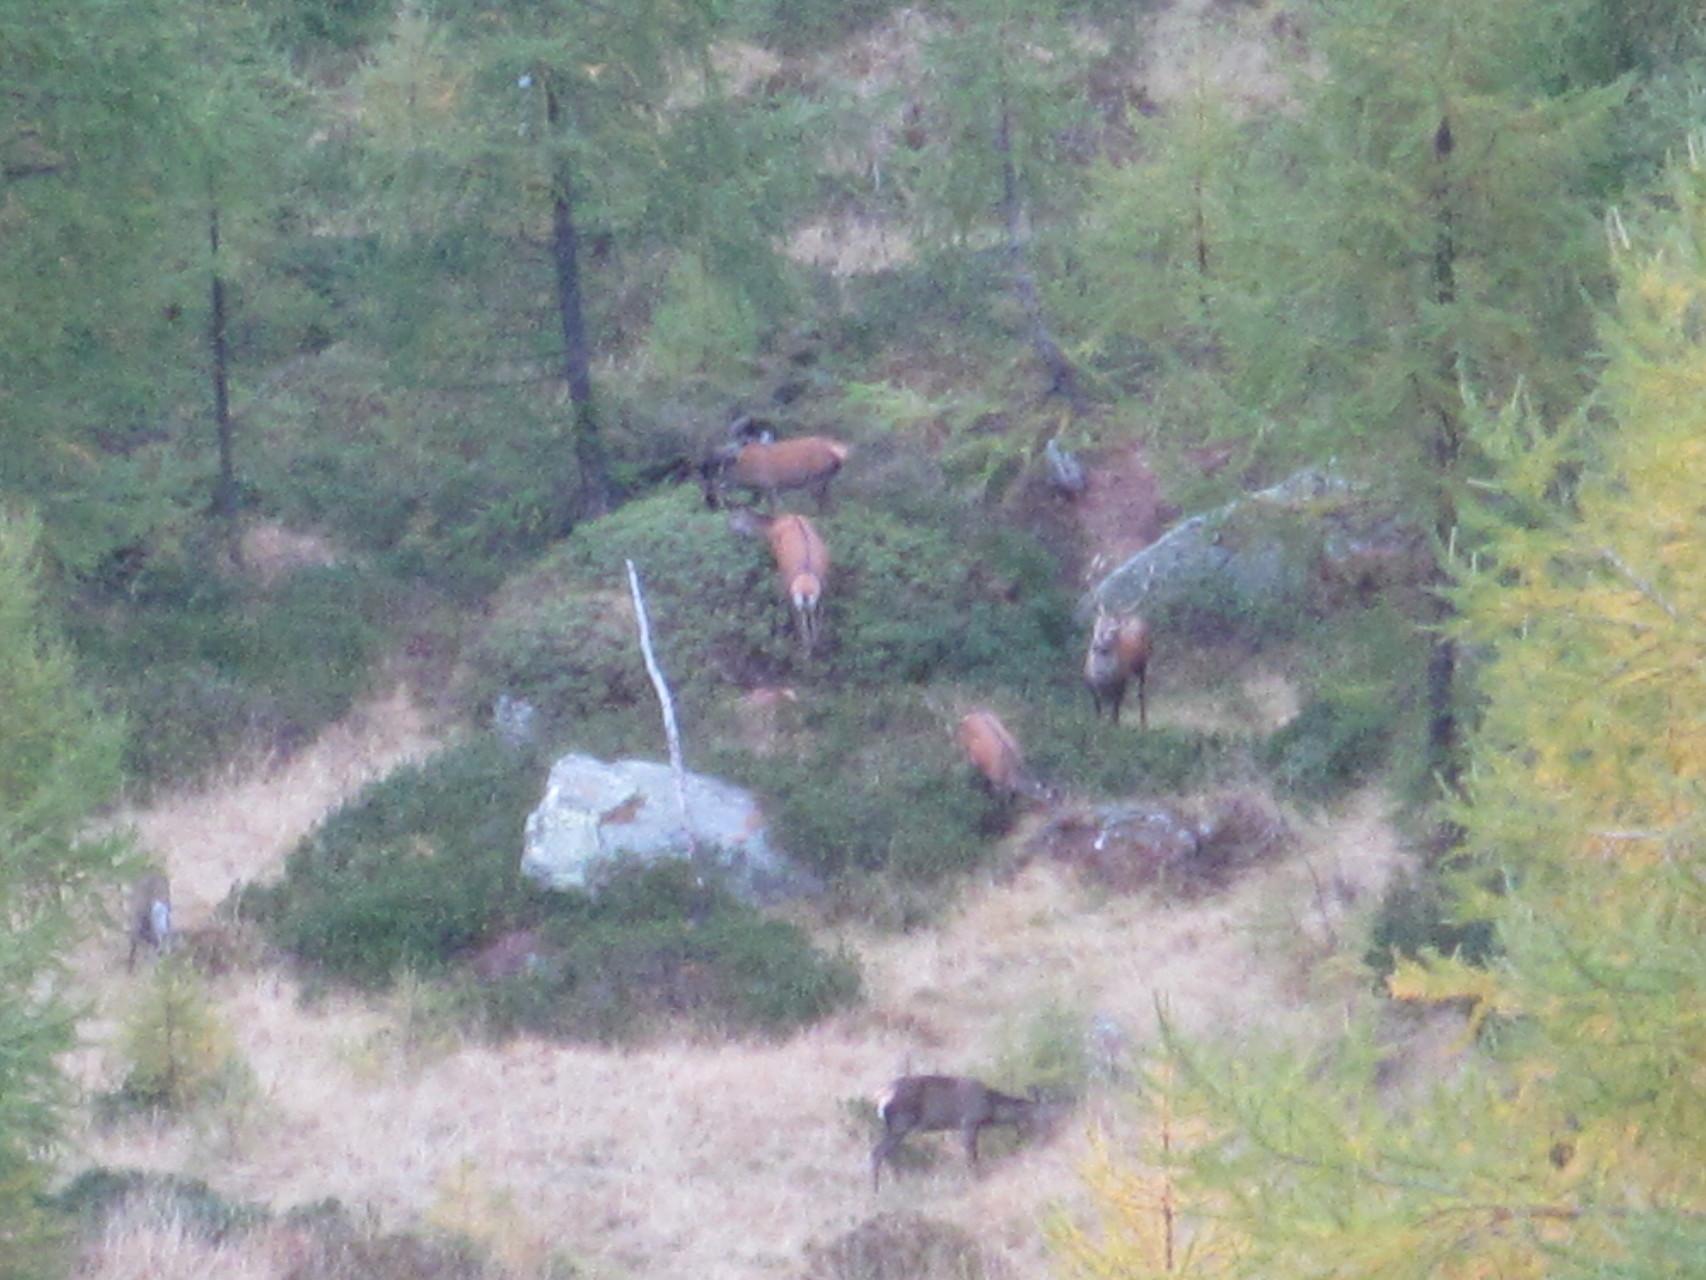 Hirsche in der Brunft